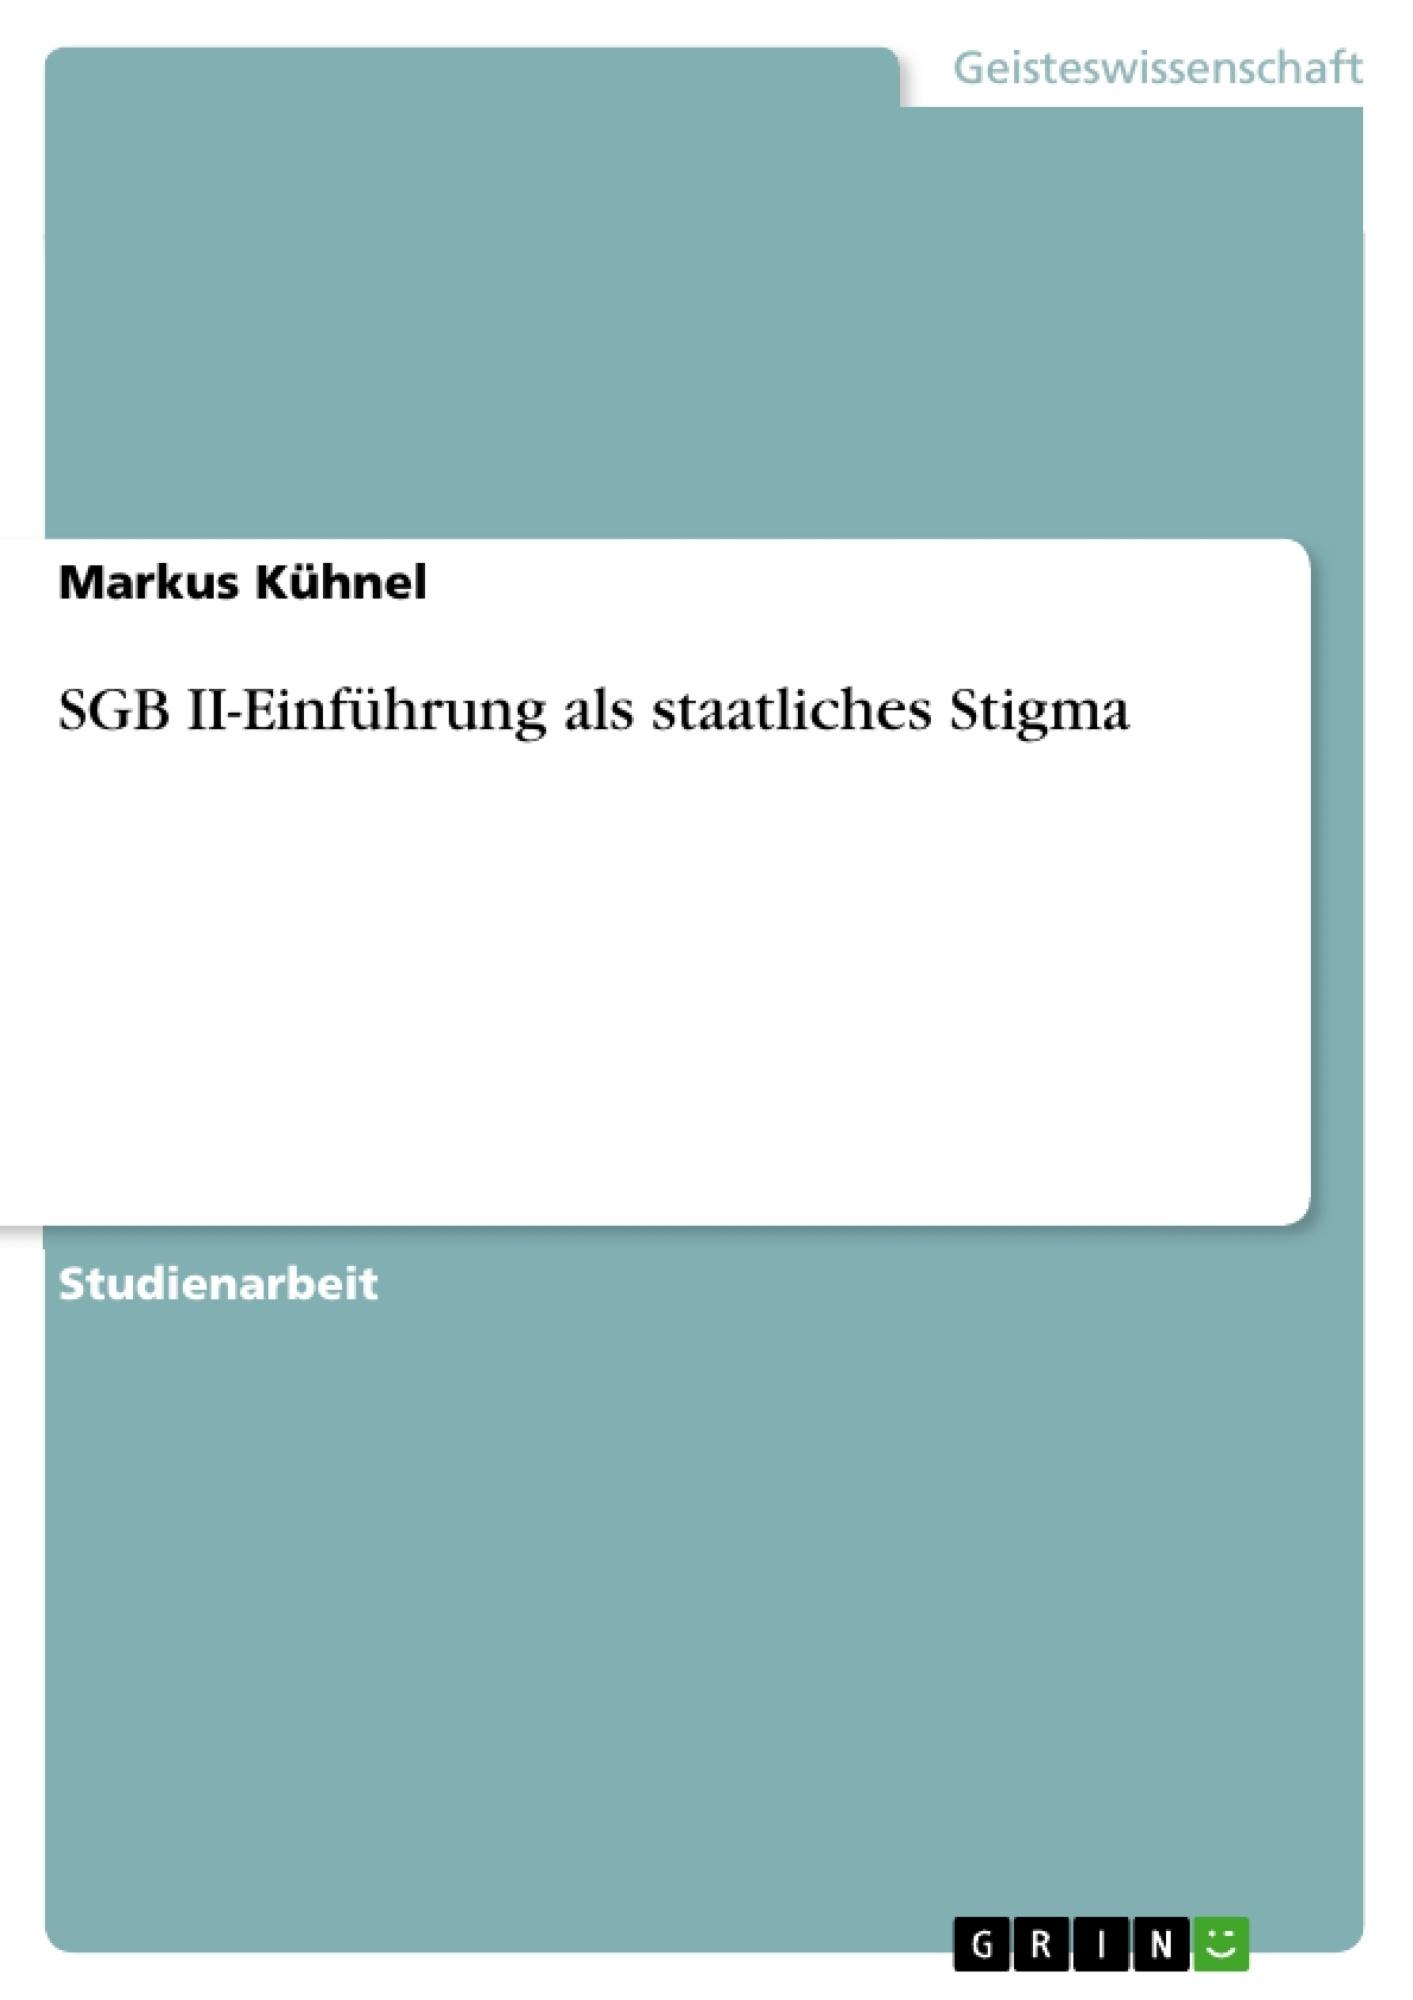 Titel: SGB II-Einführung als staatliches Stigma